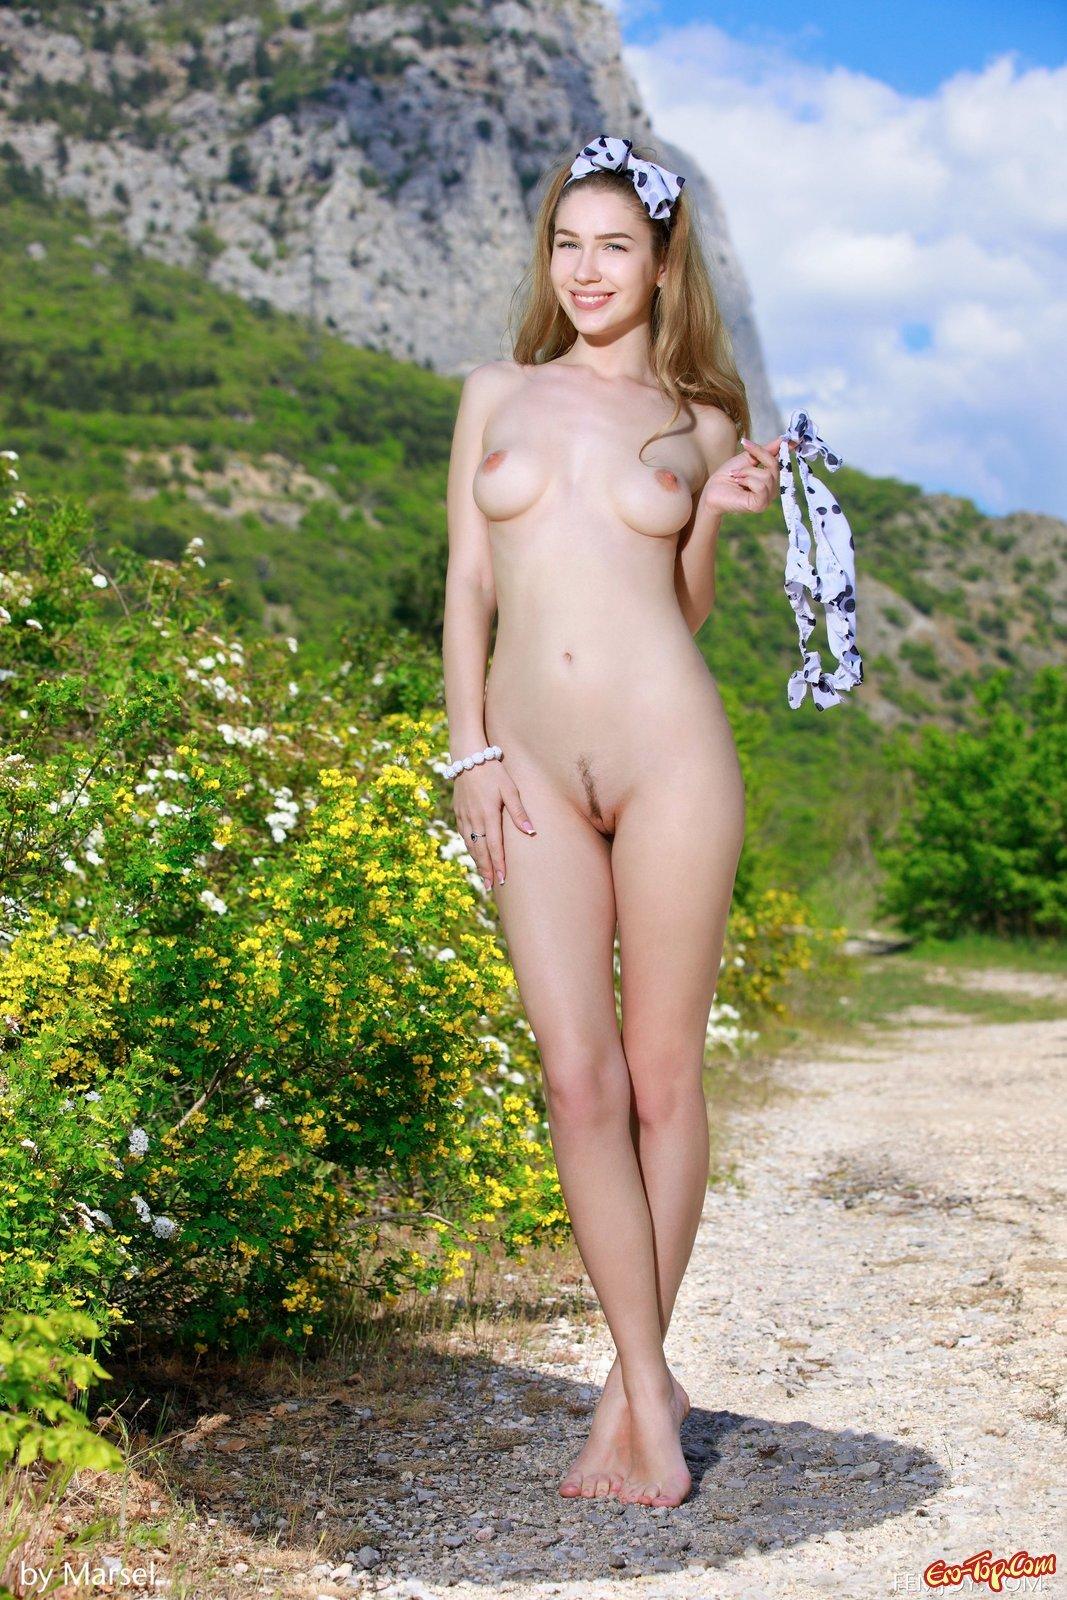 Блонди с лохматой киской оголилась в естественной среде